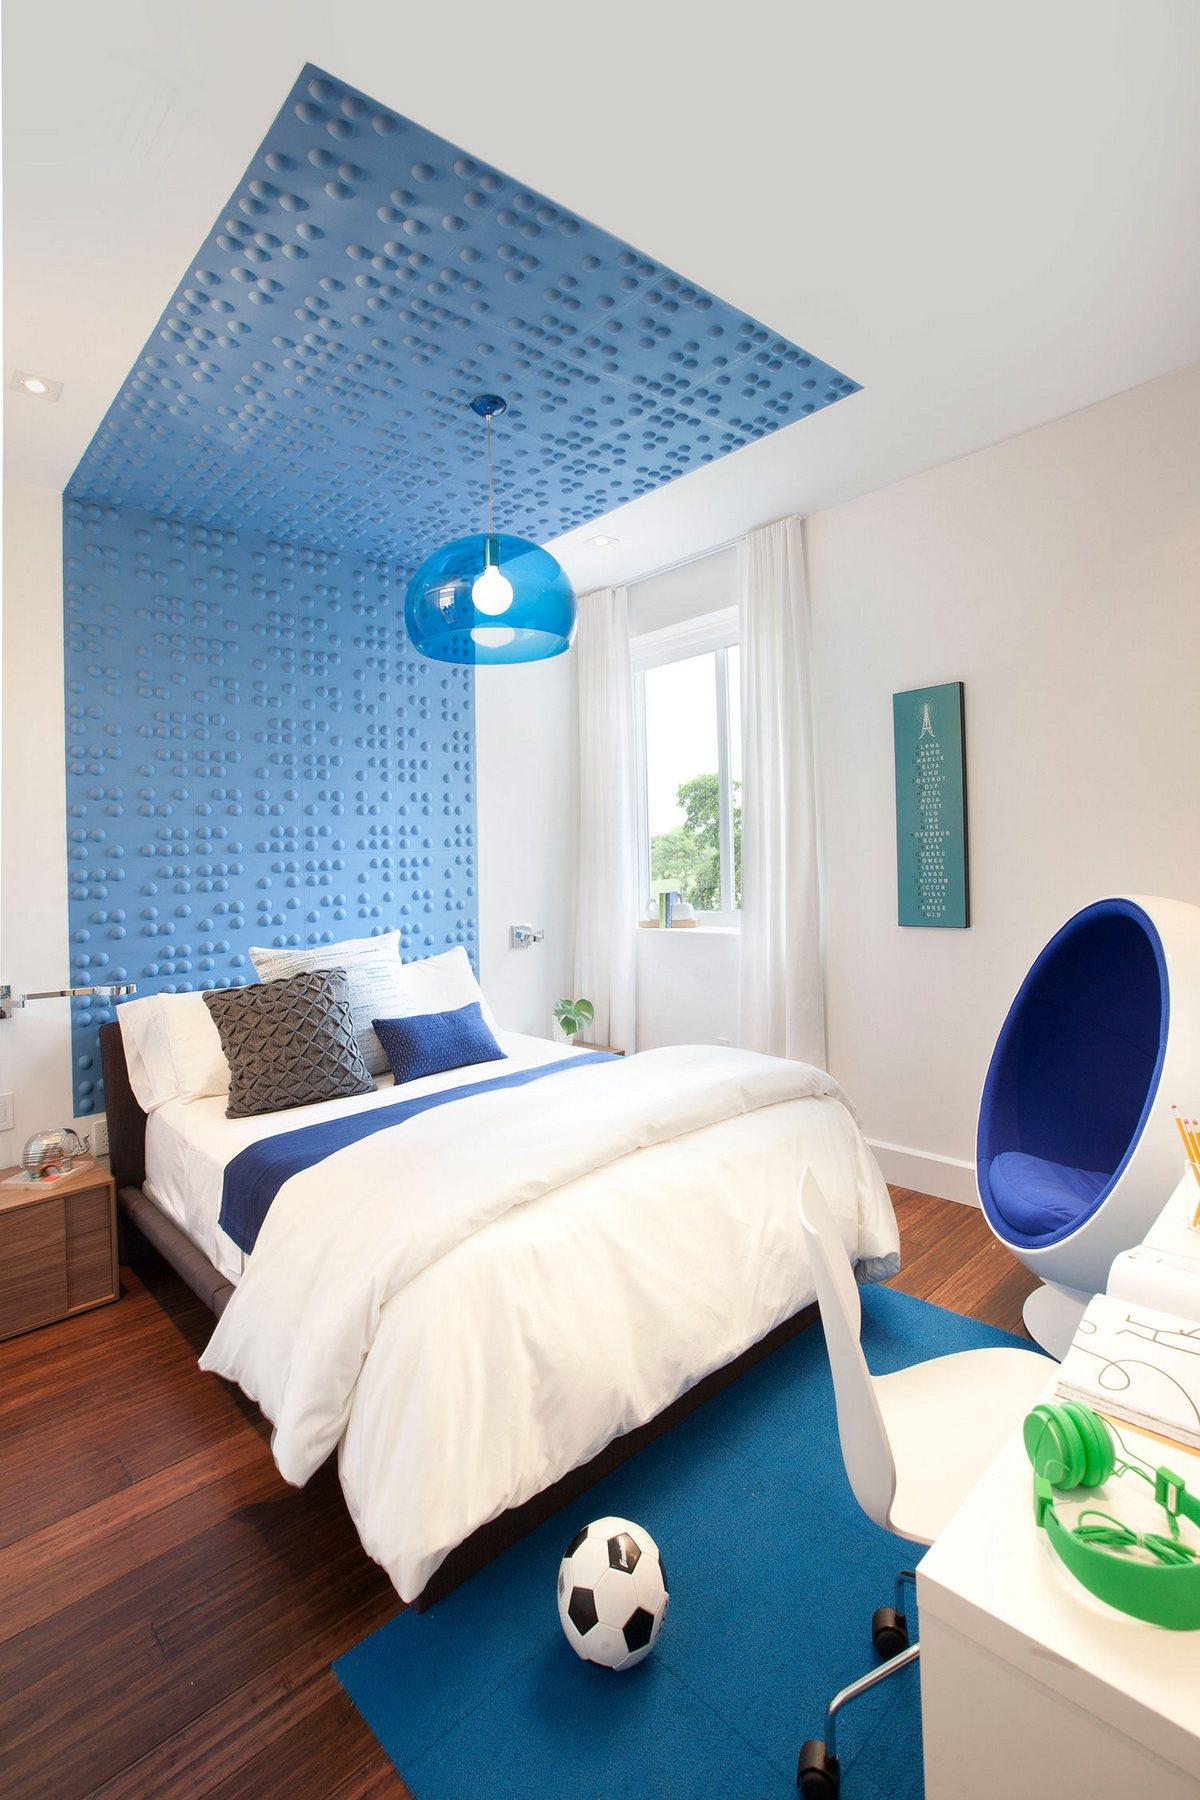 Дизайн комнаты для подростка мальчикаДизайн комнаты для подростка мальчика